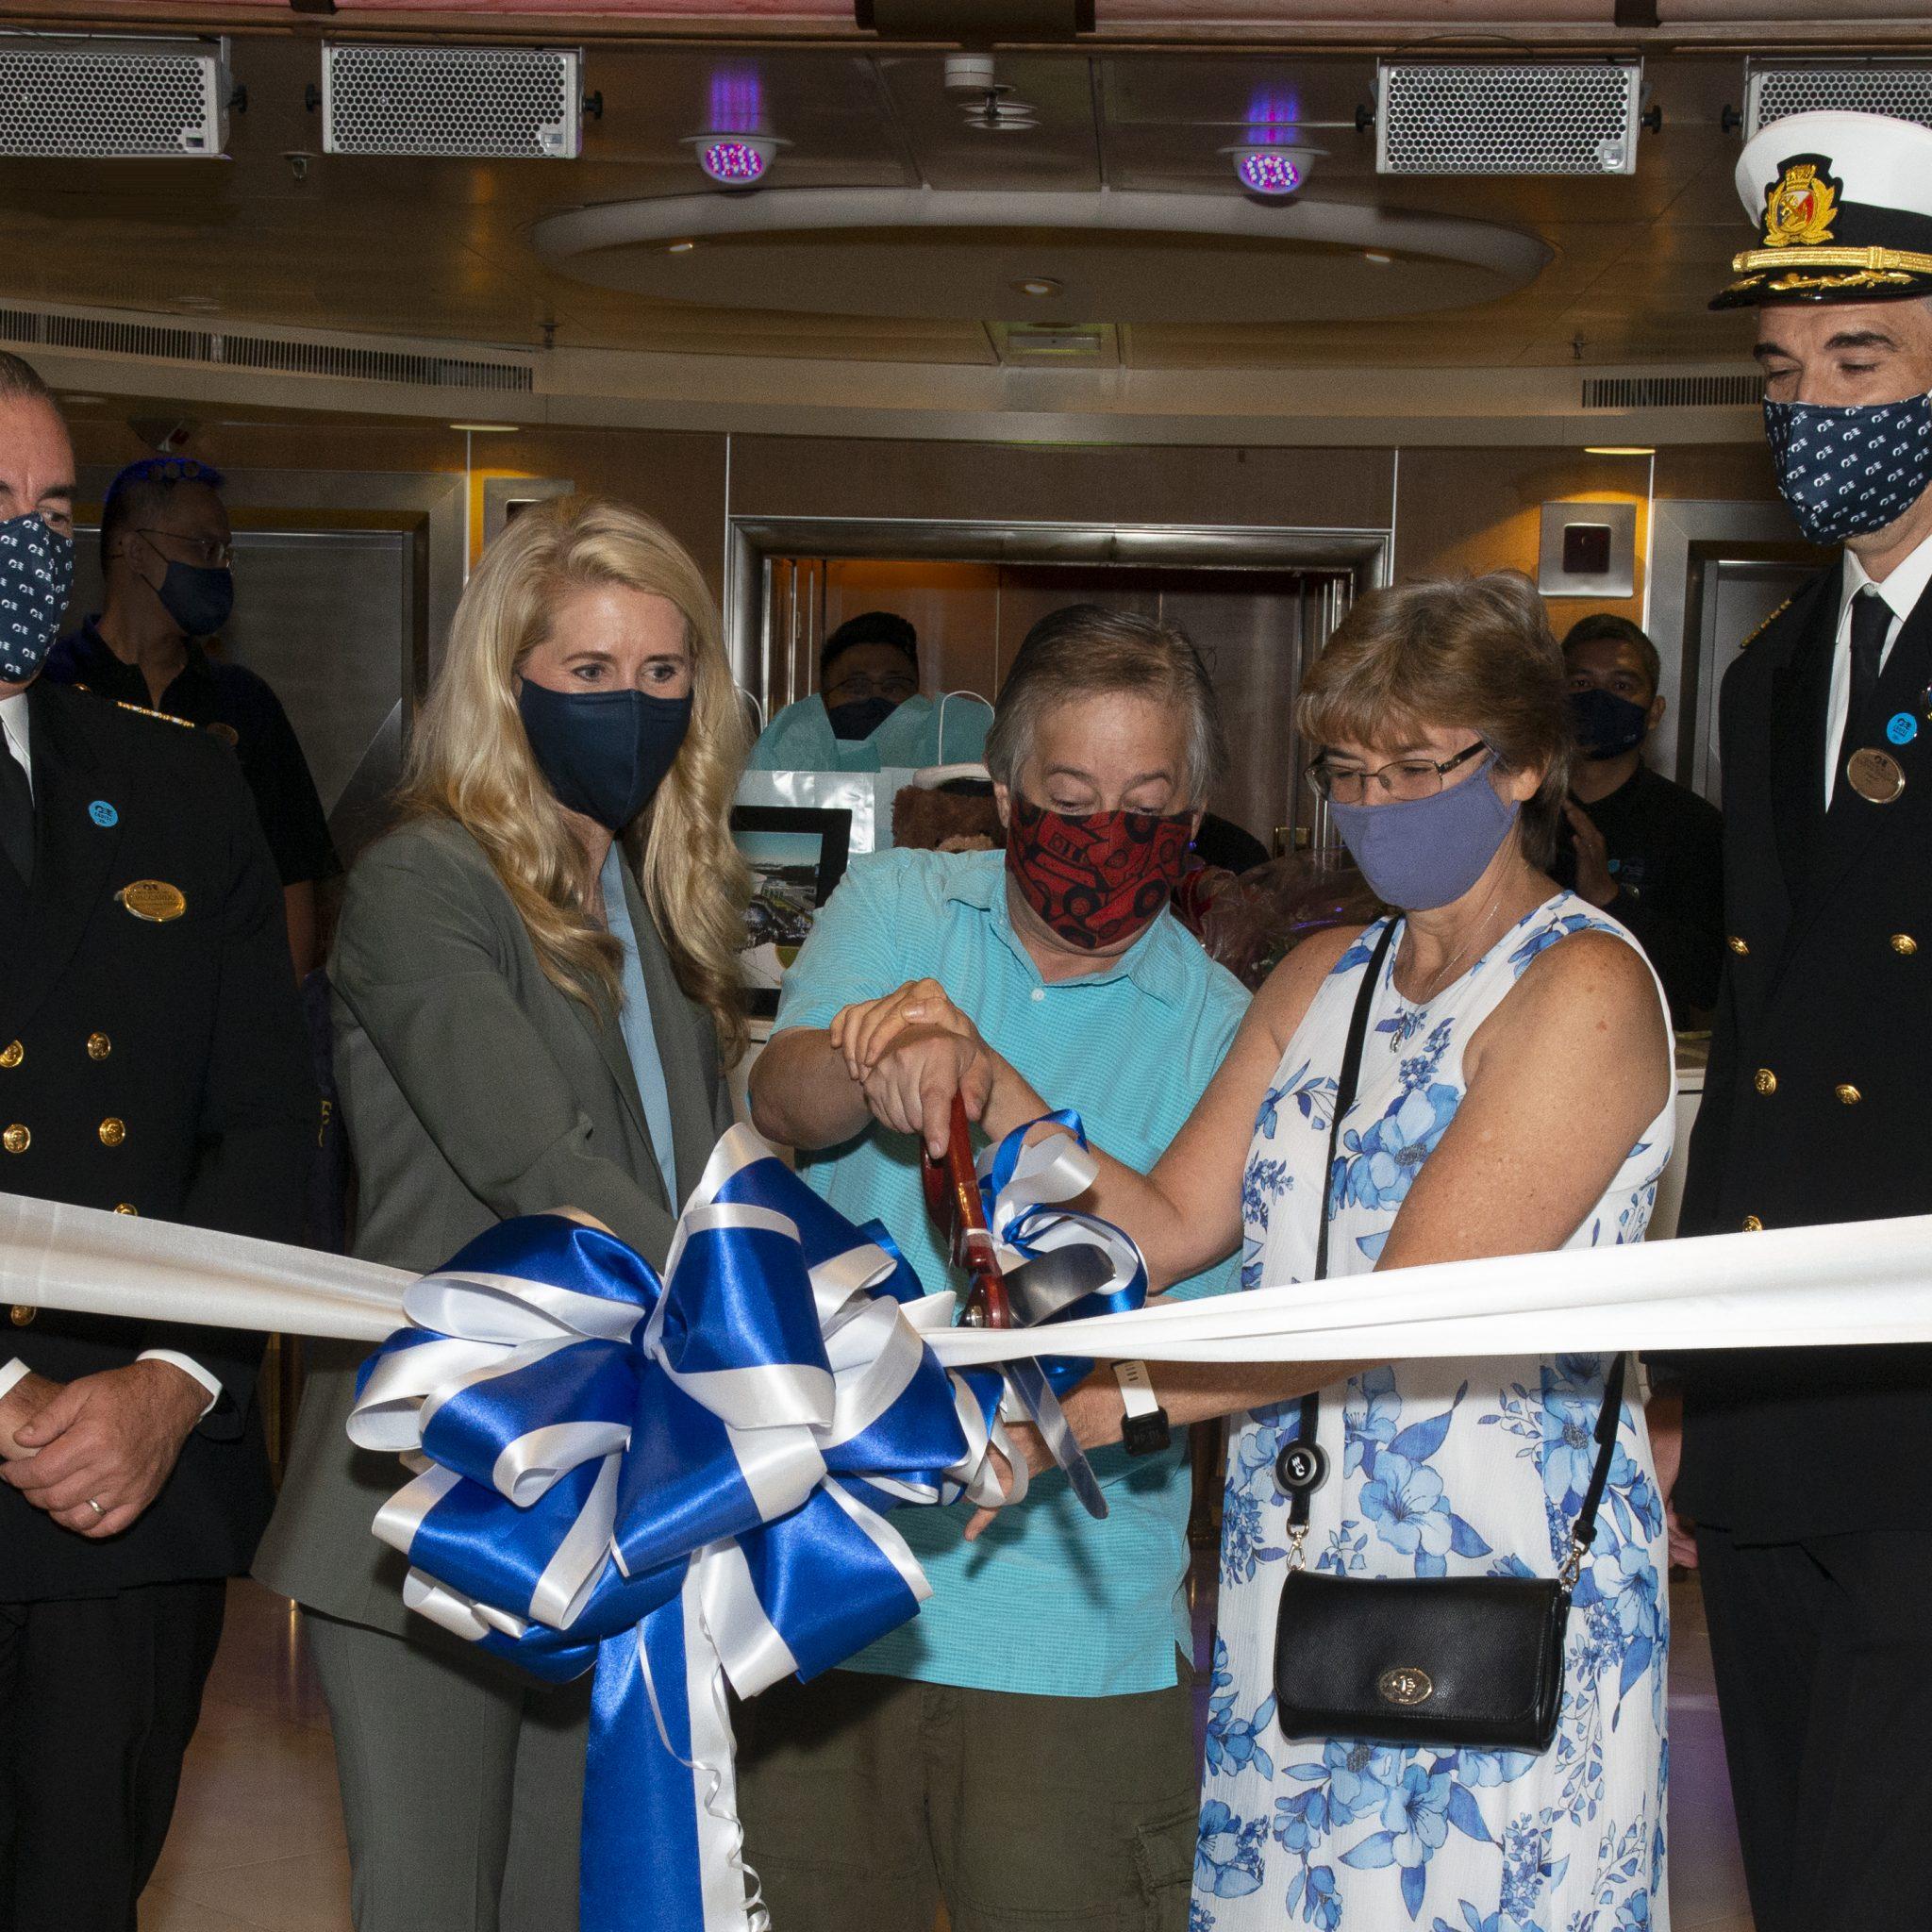 Op 25 september vertrok de Grand Princess van Princess Cruises als eerste na de Coronacrisis vanuit de haven van Los Angeles voor een vijfdaagse reis naar Mexico. (Foto Carnival Cruises)